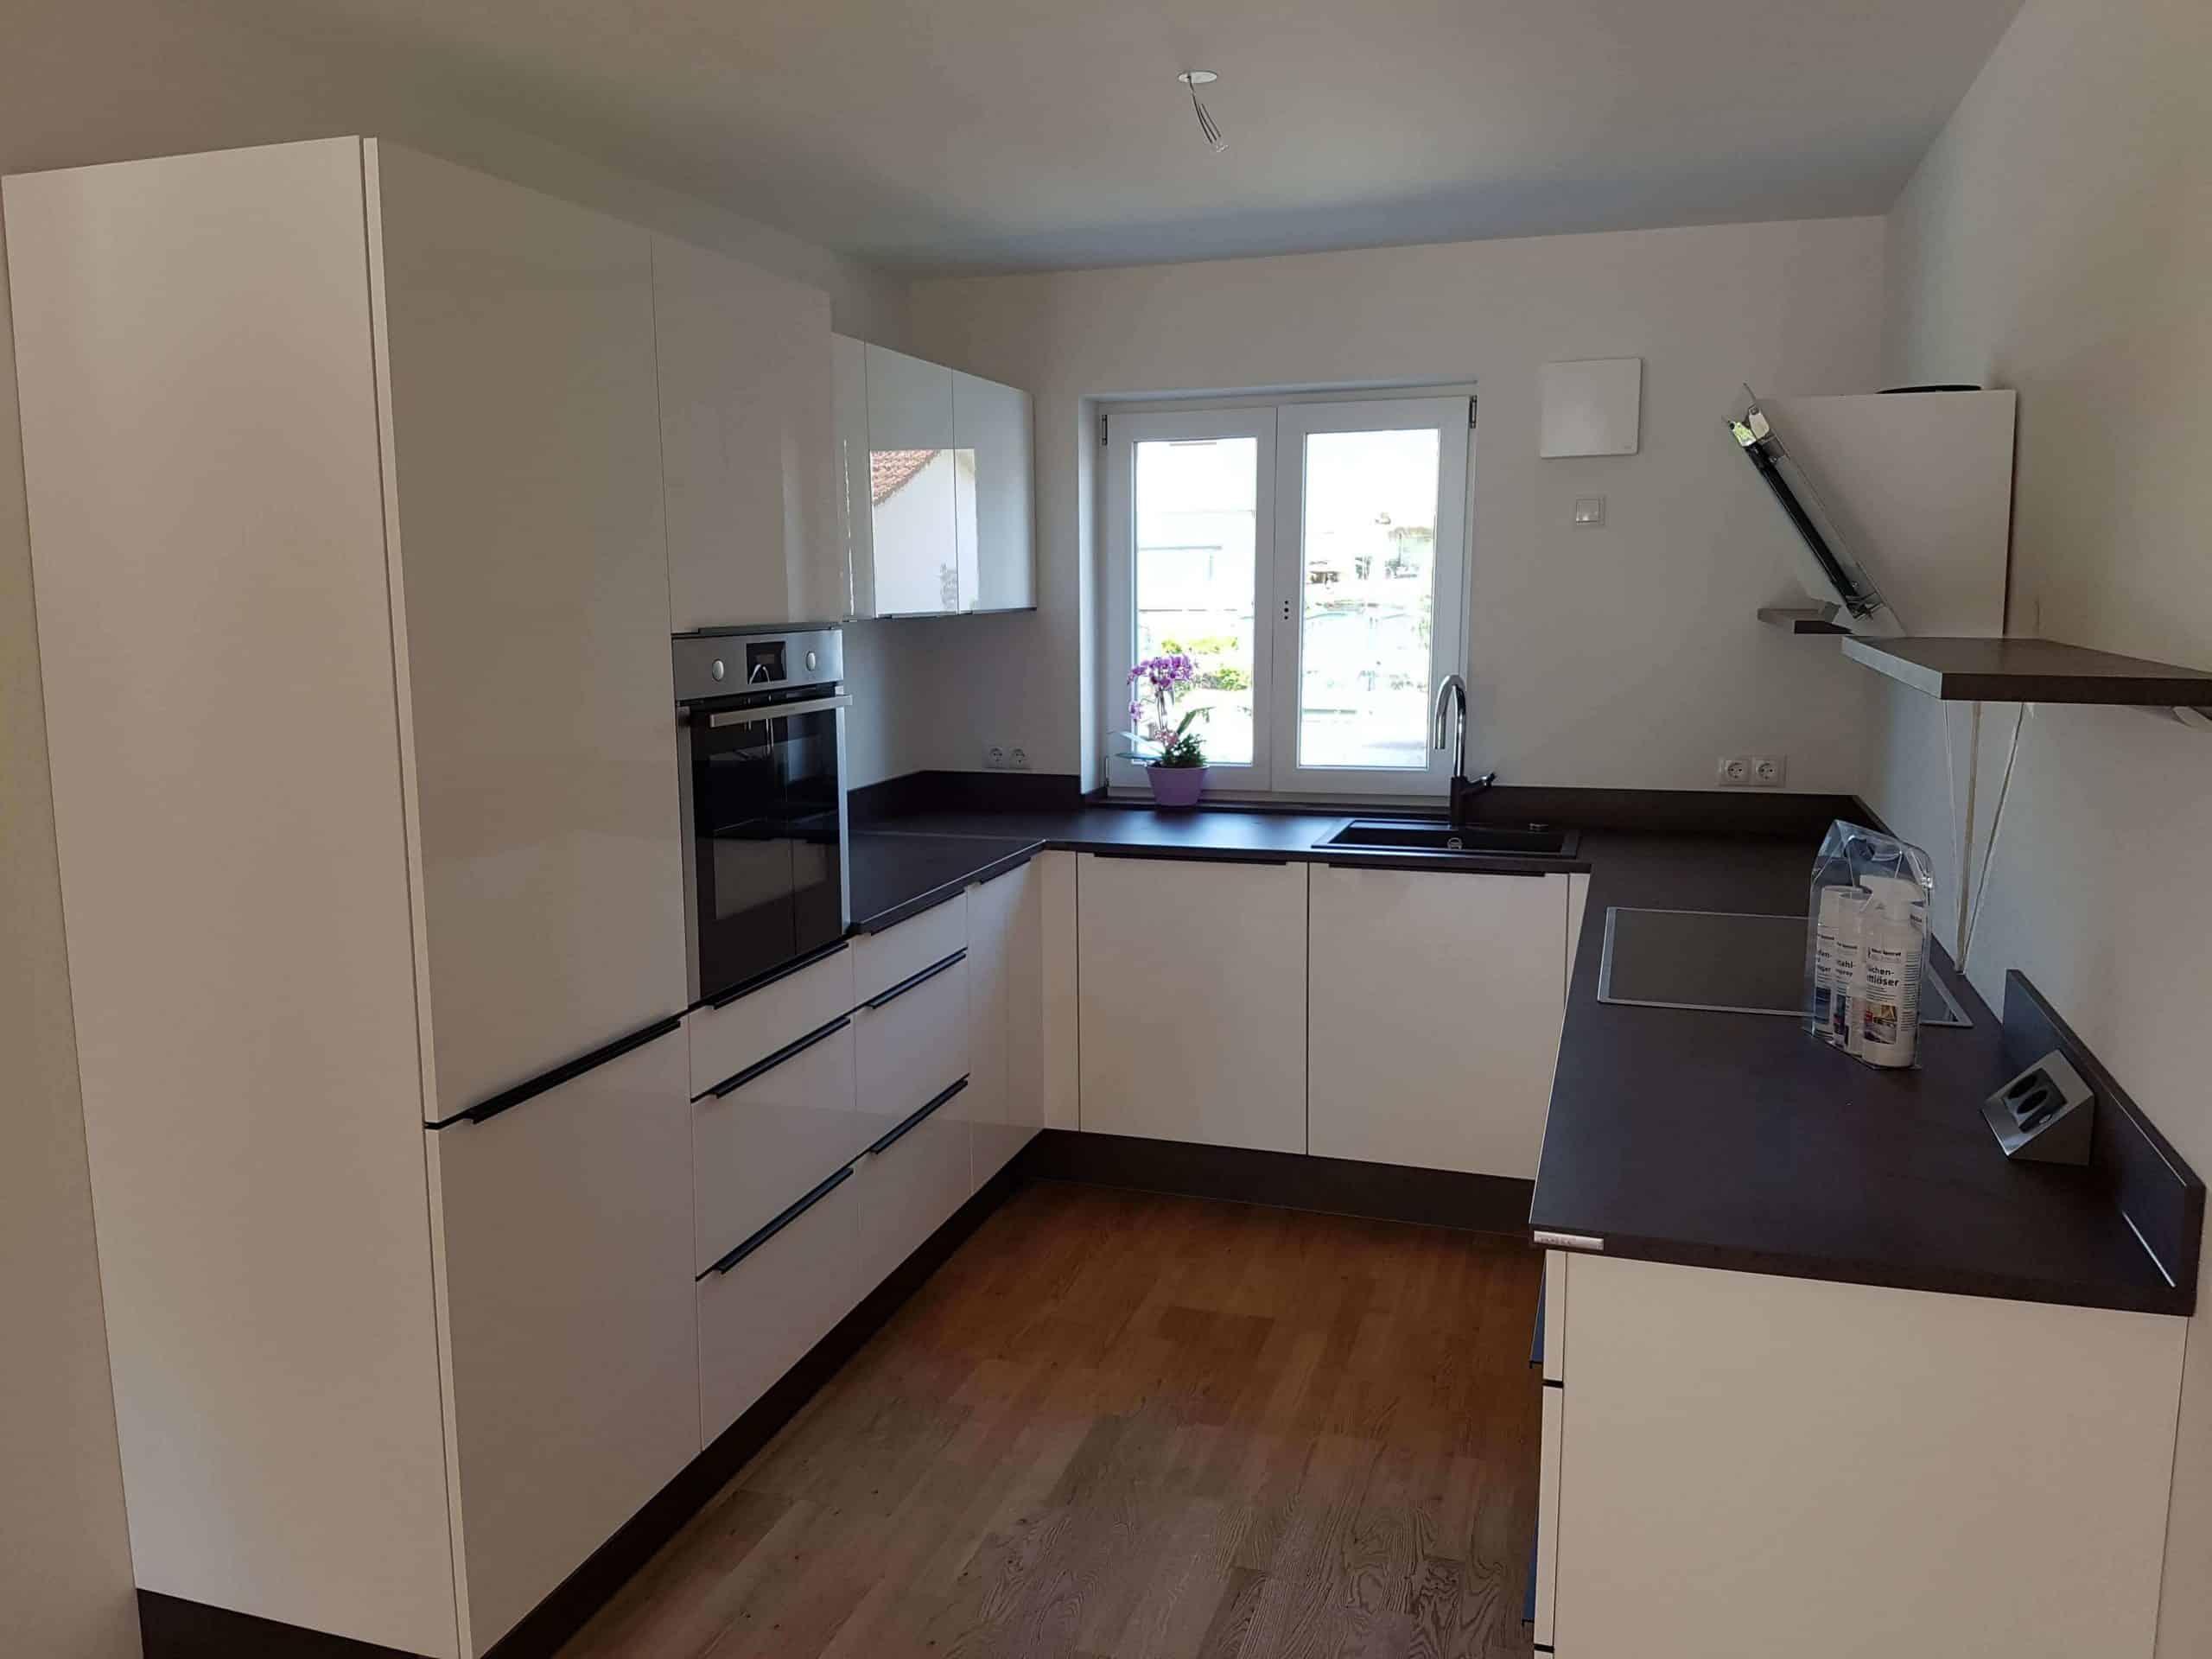 Nolte Küchen - Modell Lux Hochglanz weiß | Möbel Spanrad